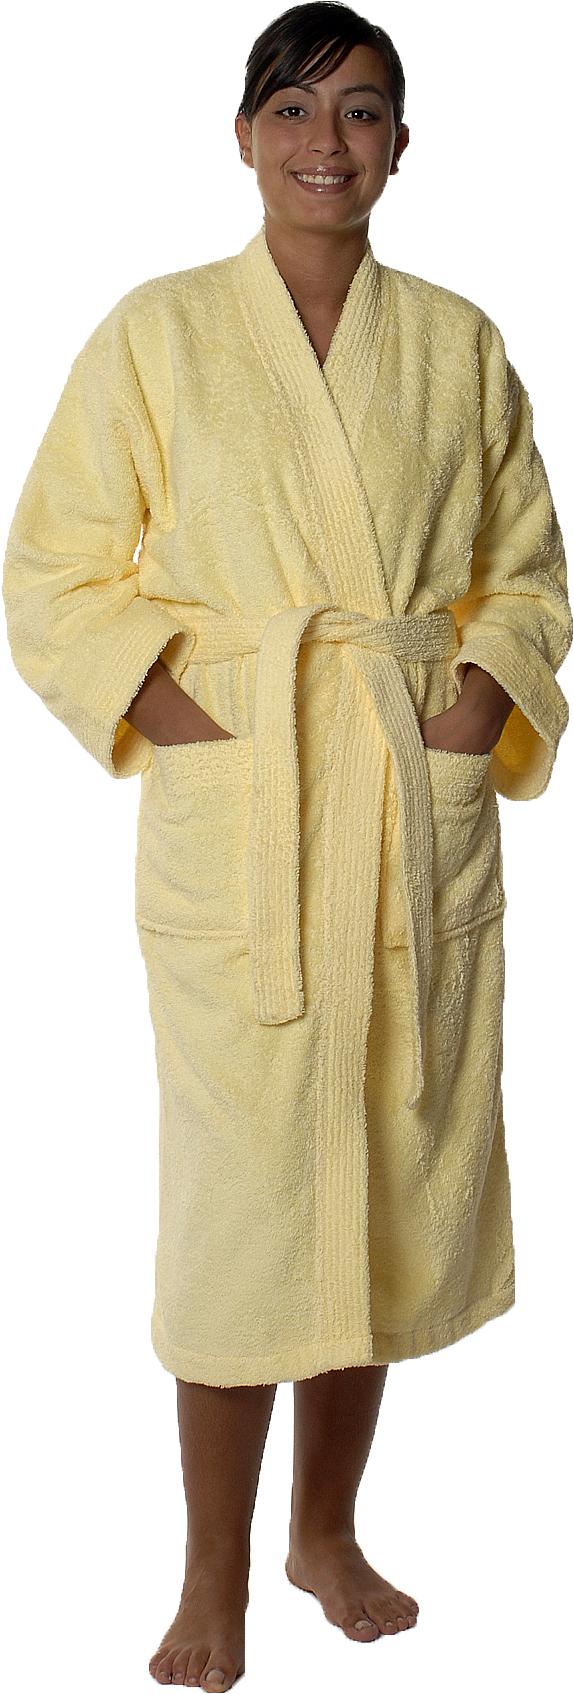 Peignoir col kimono en Coton couleur Jaune Taille S (Jaune)